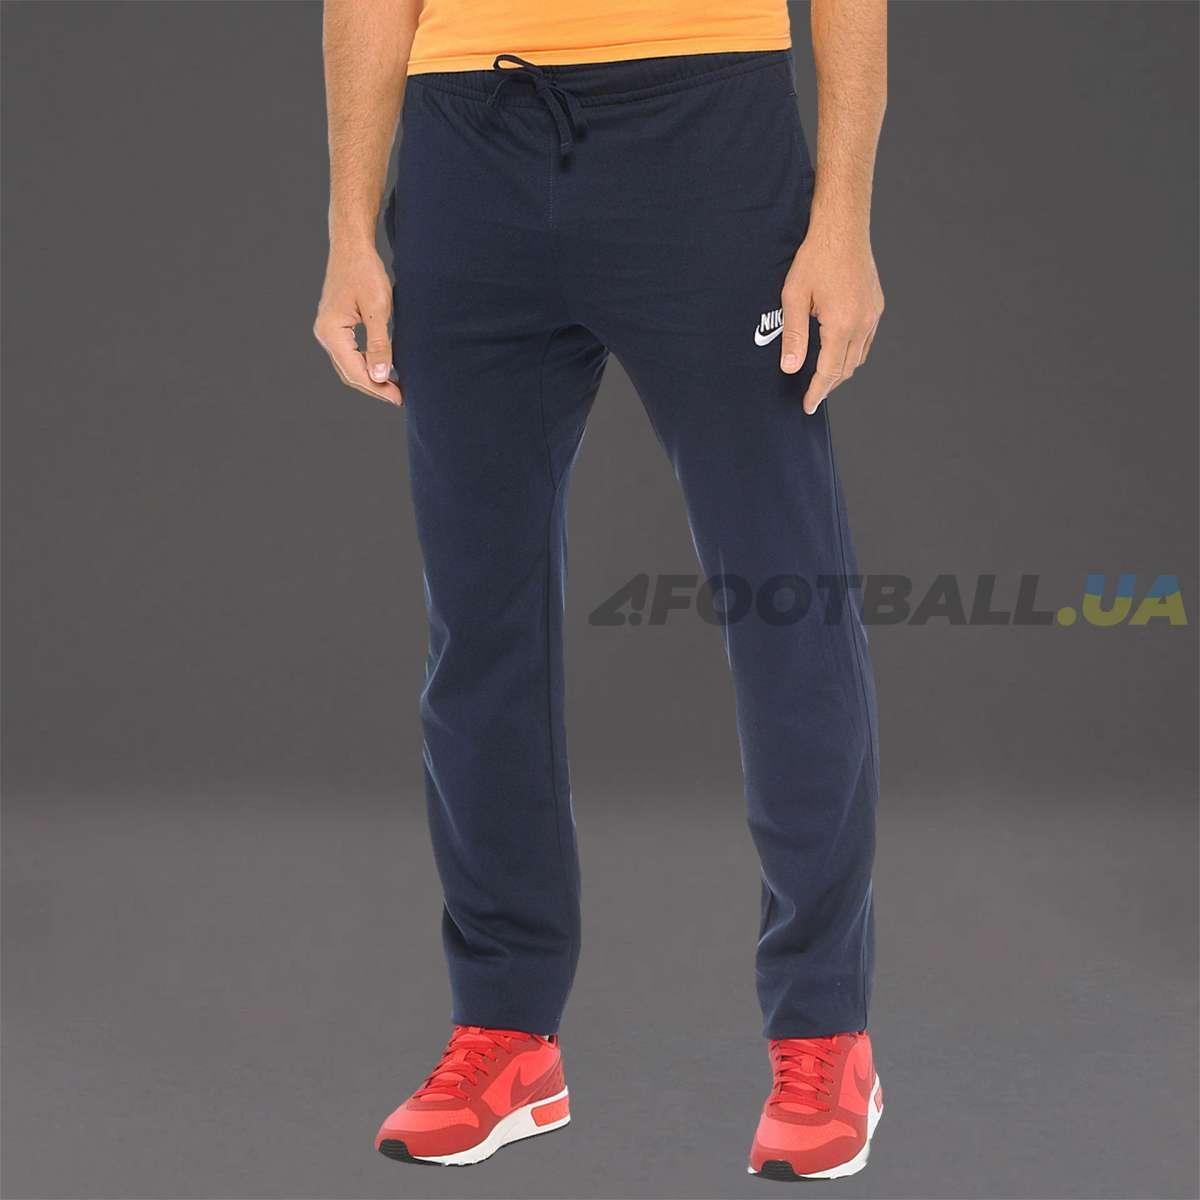 17397cb89a10 ... Футбольные спортивные штаны Nike PANT CLUB 804421-451   КОТОН 2